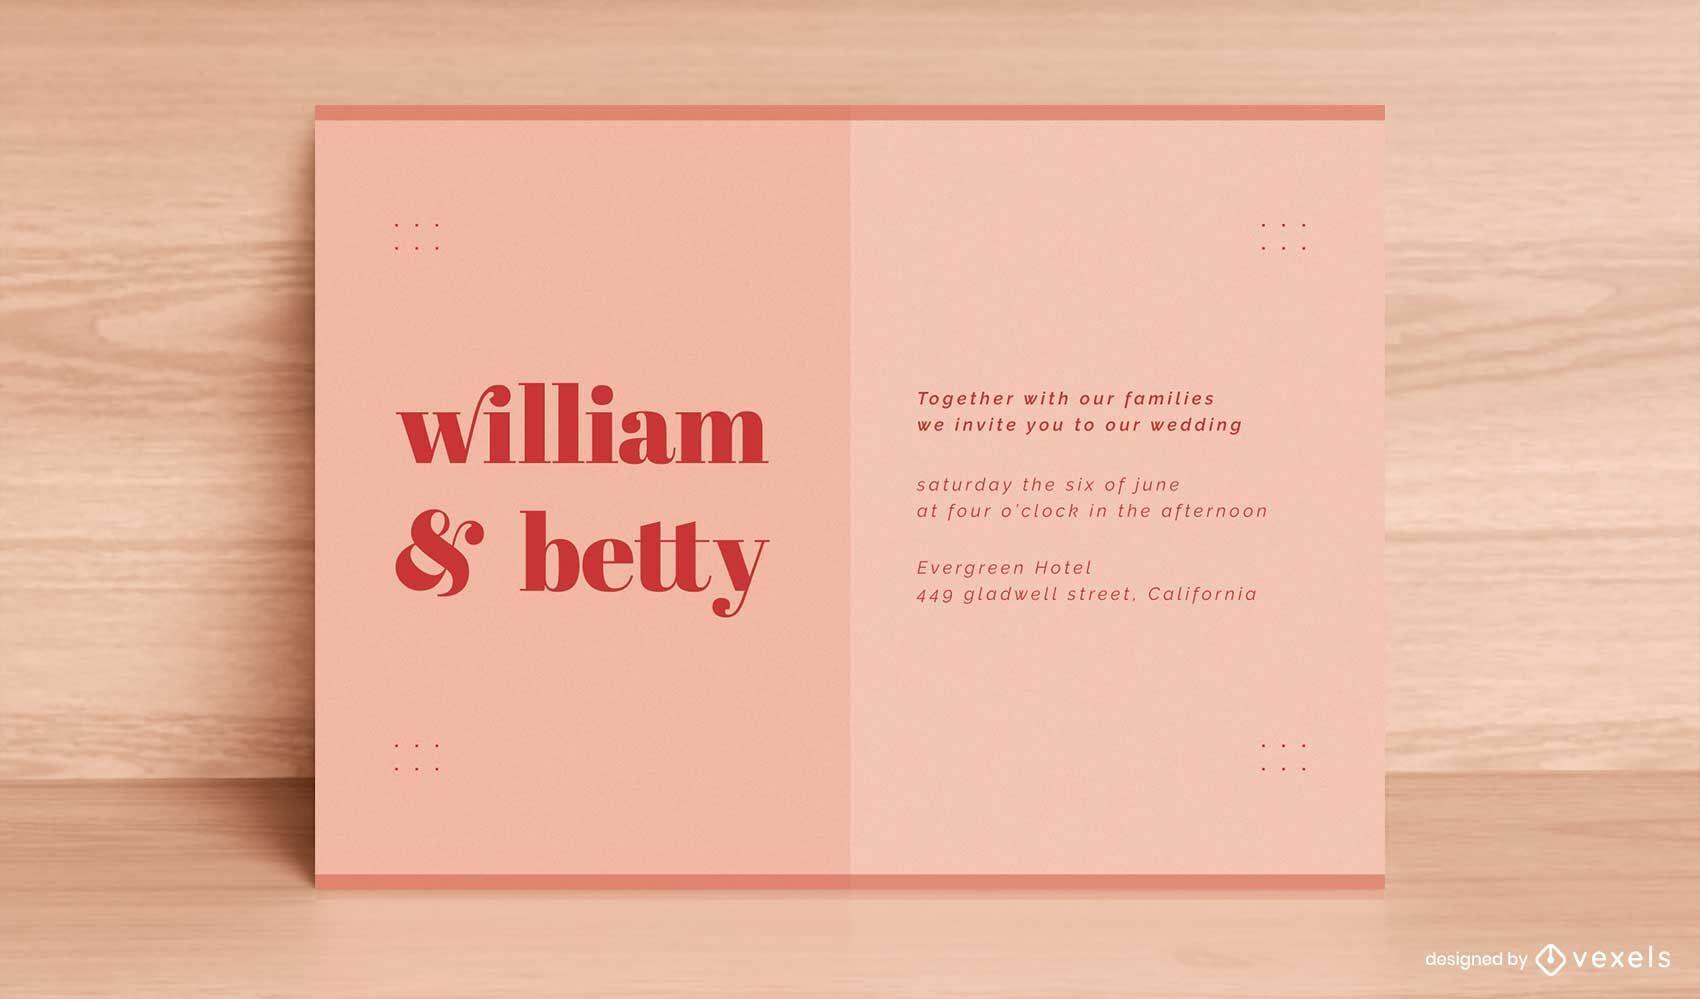 Minimale Vorlage für Hochzeitskarten